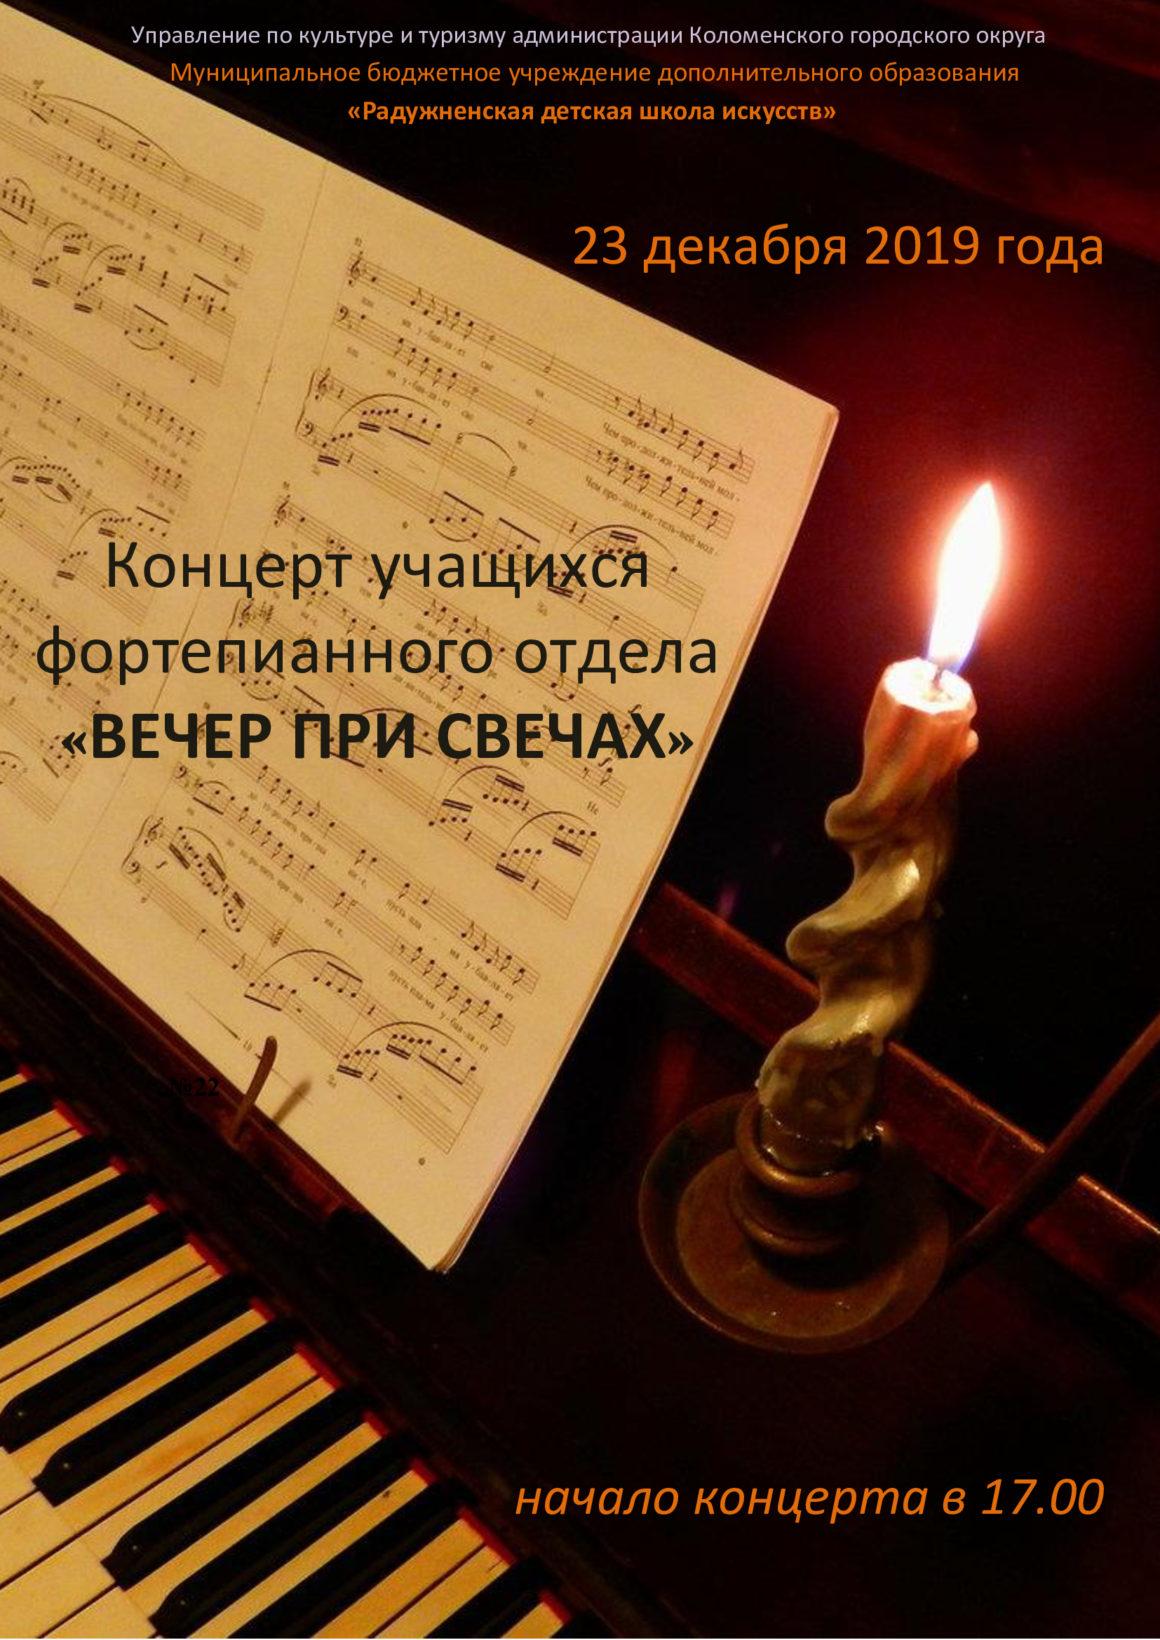 Концерт «Вечер при свечах».